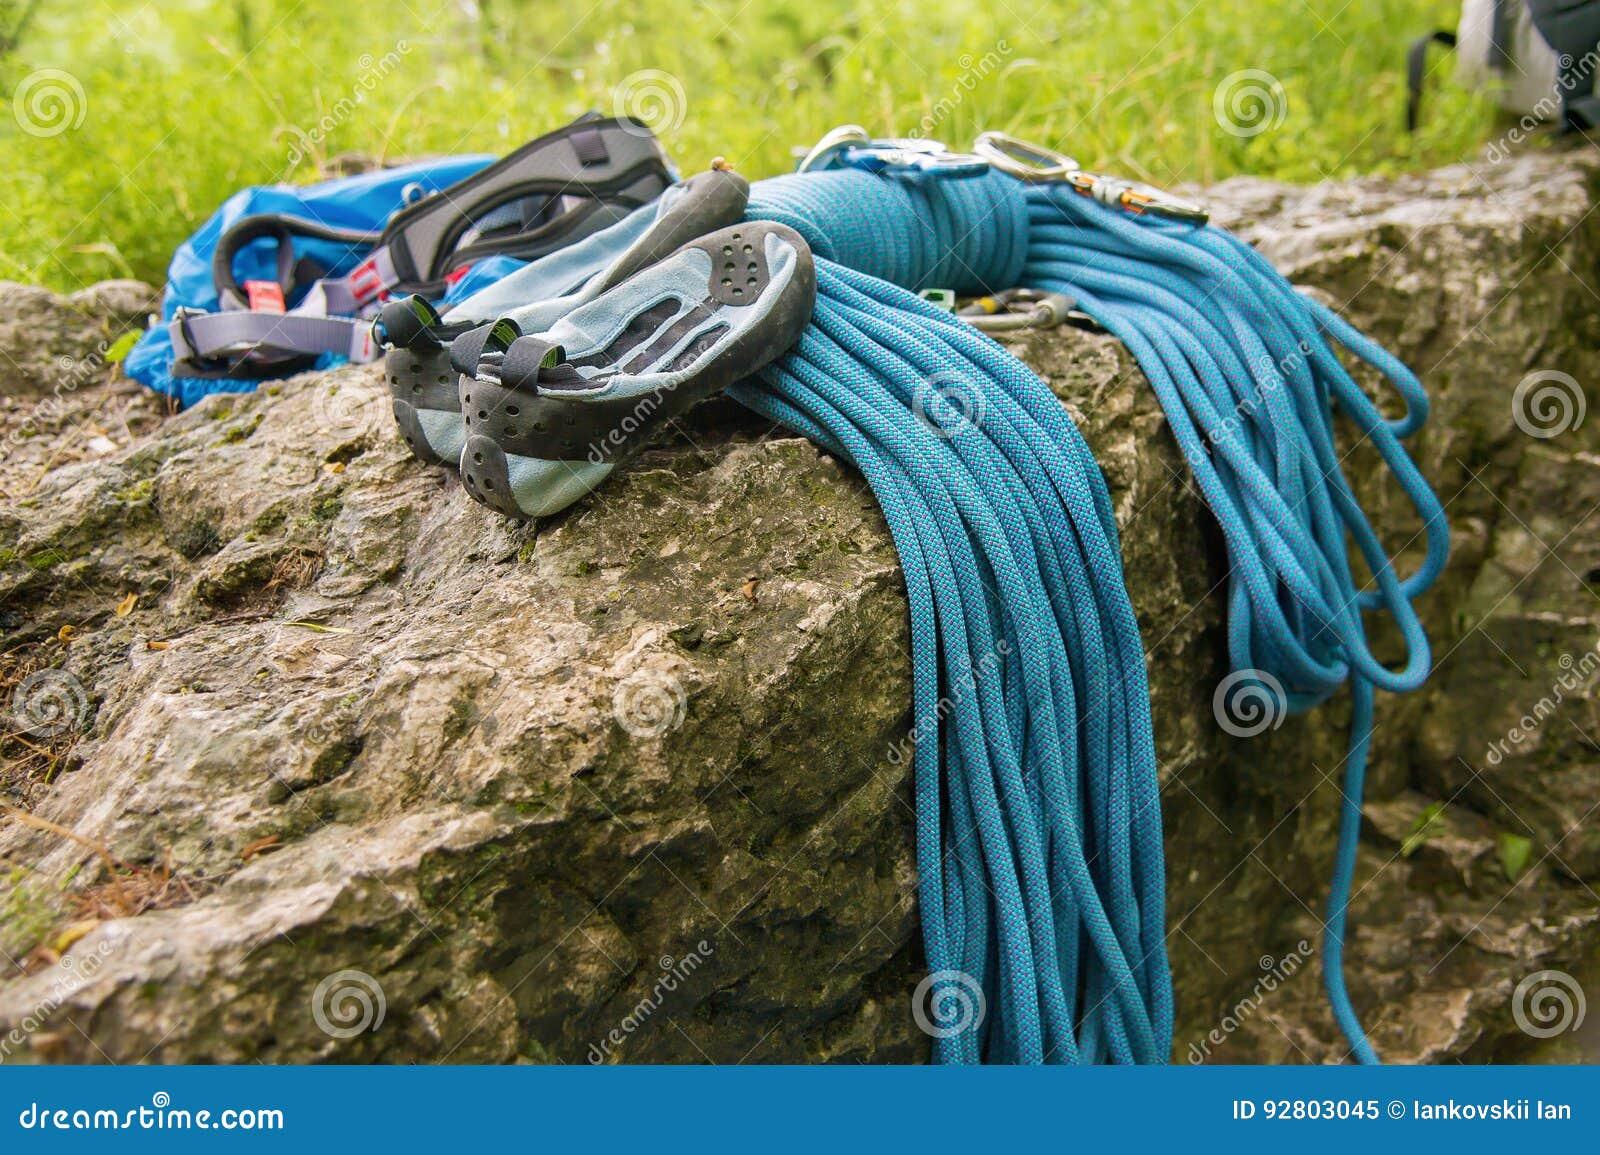 Equipamento usado para escalar onde as carabinas da corda e os deslizadores de escalada se encontram em uma rocha